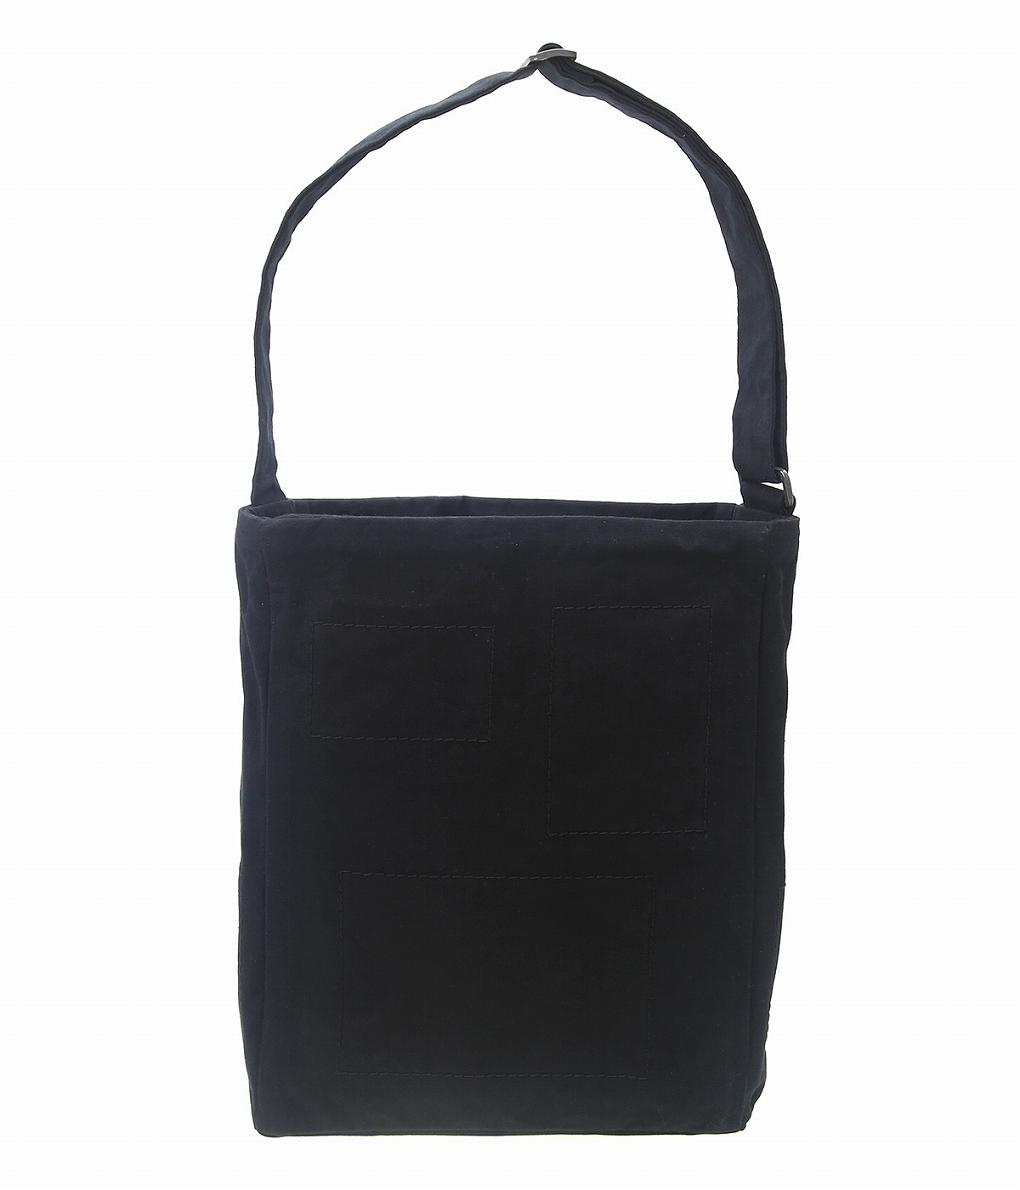 toogood / トゥーグッド : CHACOLI TG THE JOINER BAG : チャコリ ジョイナー バッグ ショルダーバッグ : CHACOLI-TG-02 【RIP】